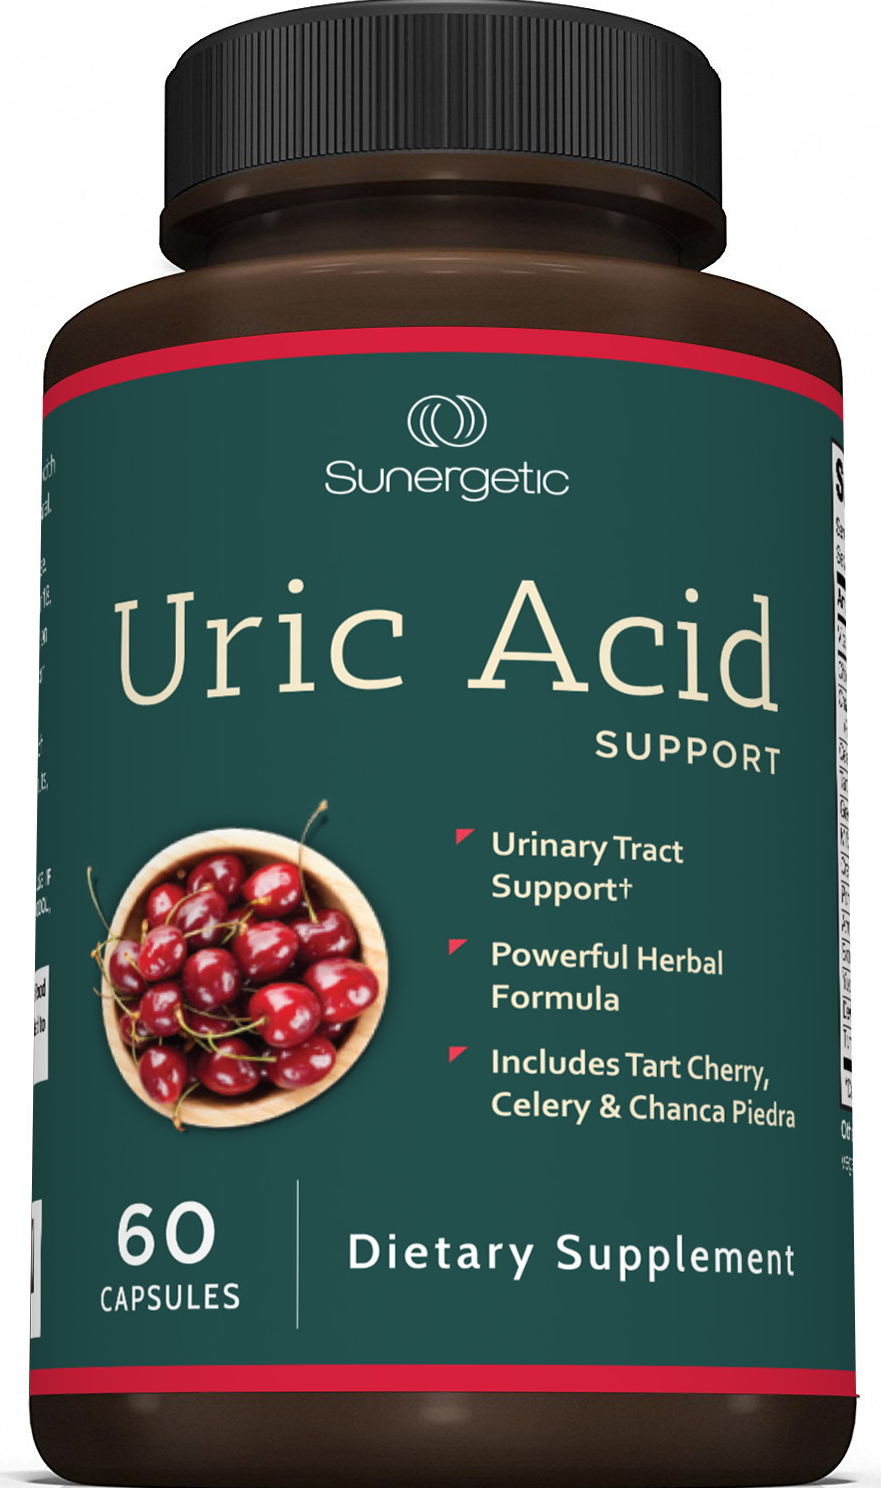 Sunergetic Premium Uric Acid Support Supplement